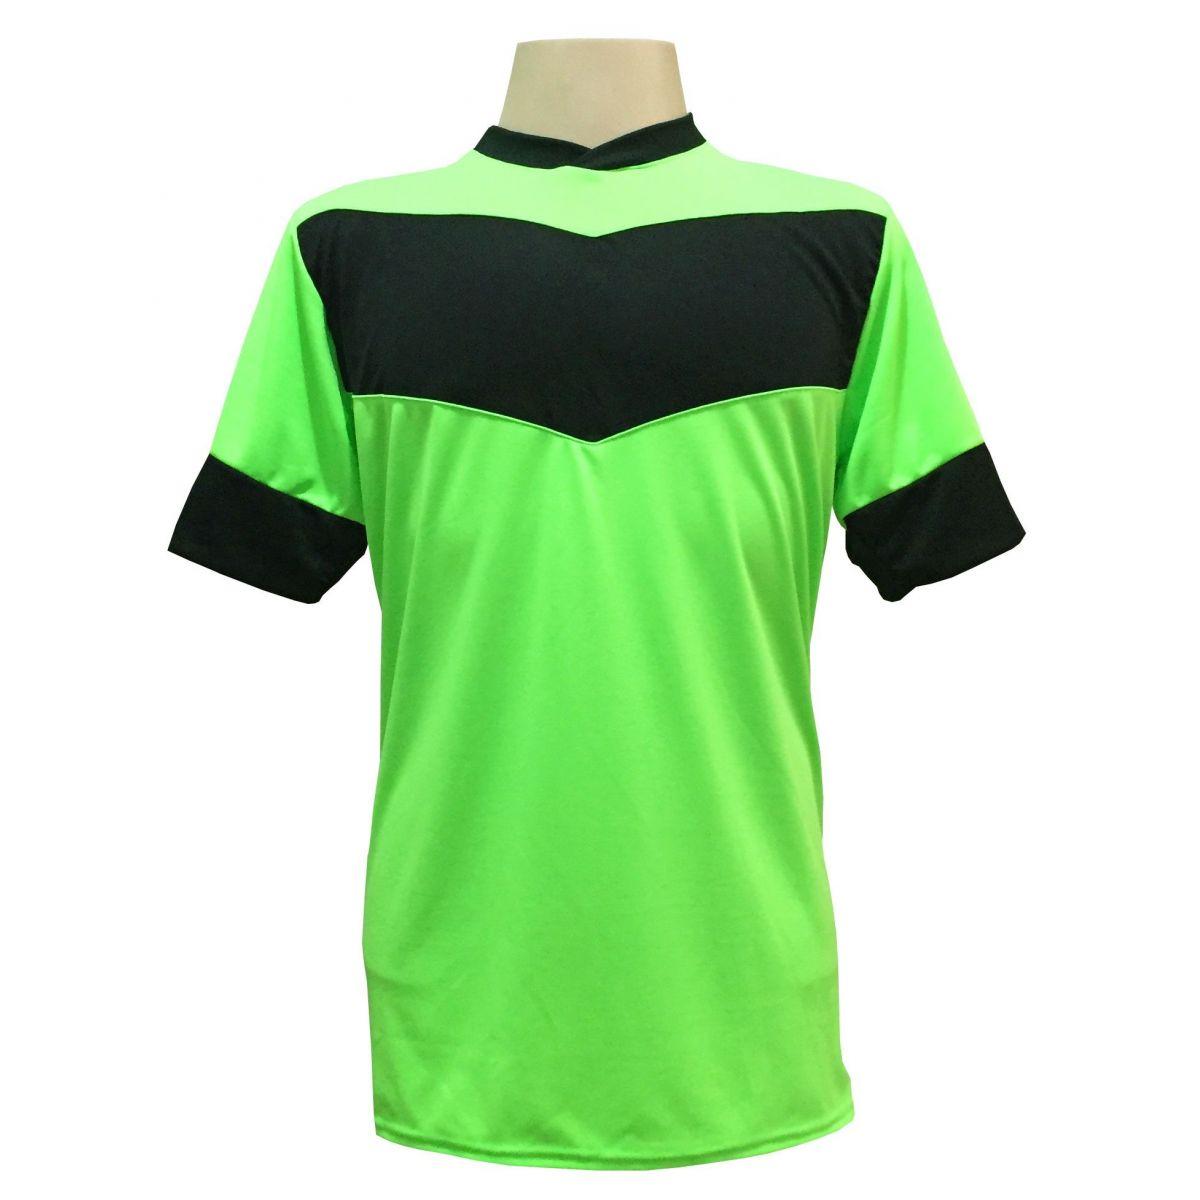 Uniforme Esportivo com 18 camisas modelo Columbus Limão/Preto + 18 calções modelo Madrid Preto + Brindes